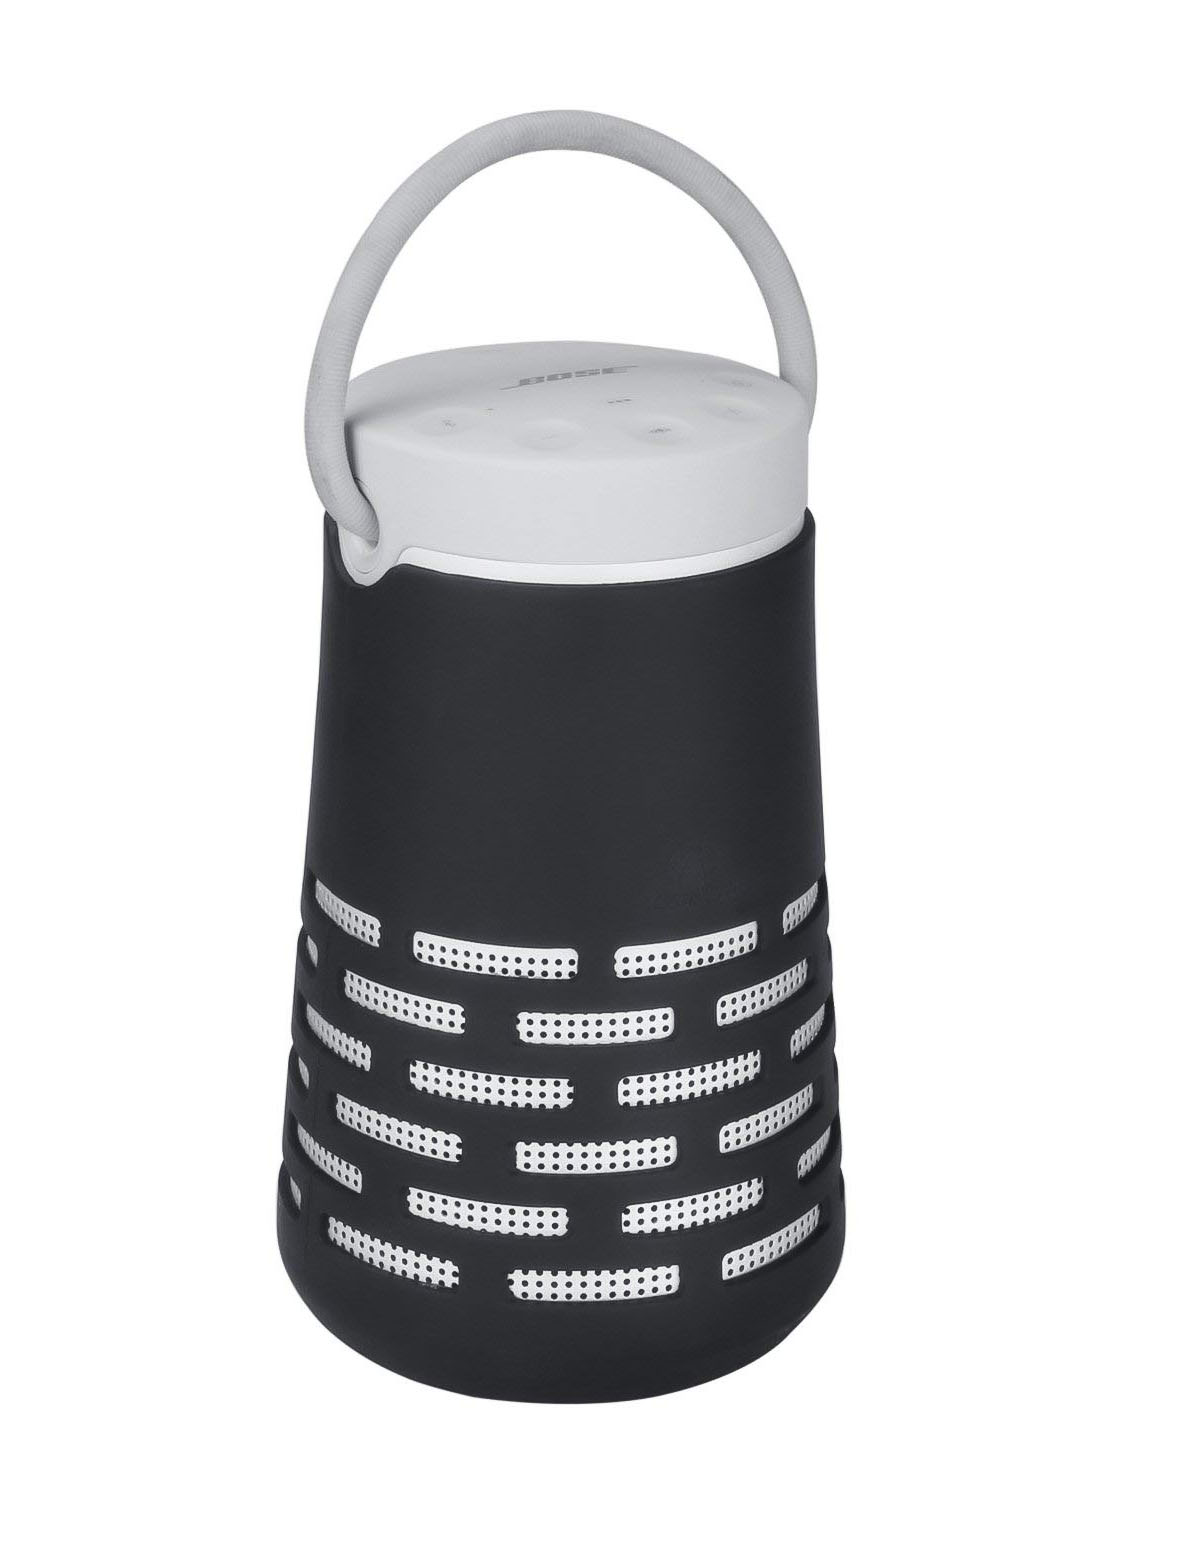 CRUST PRO SoundLink Revolve+ silikonový obal černý